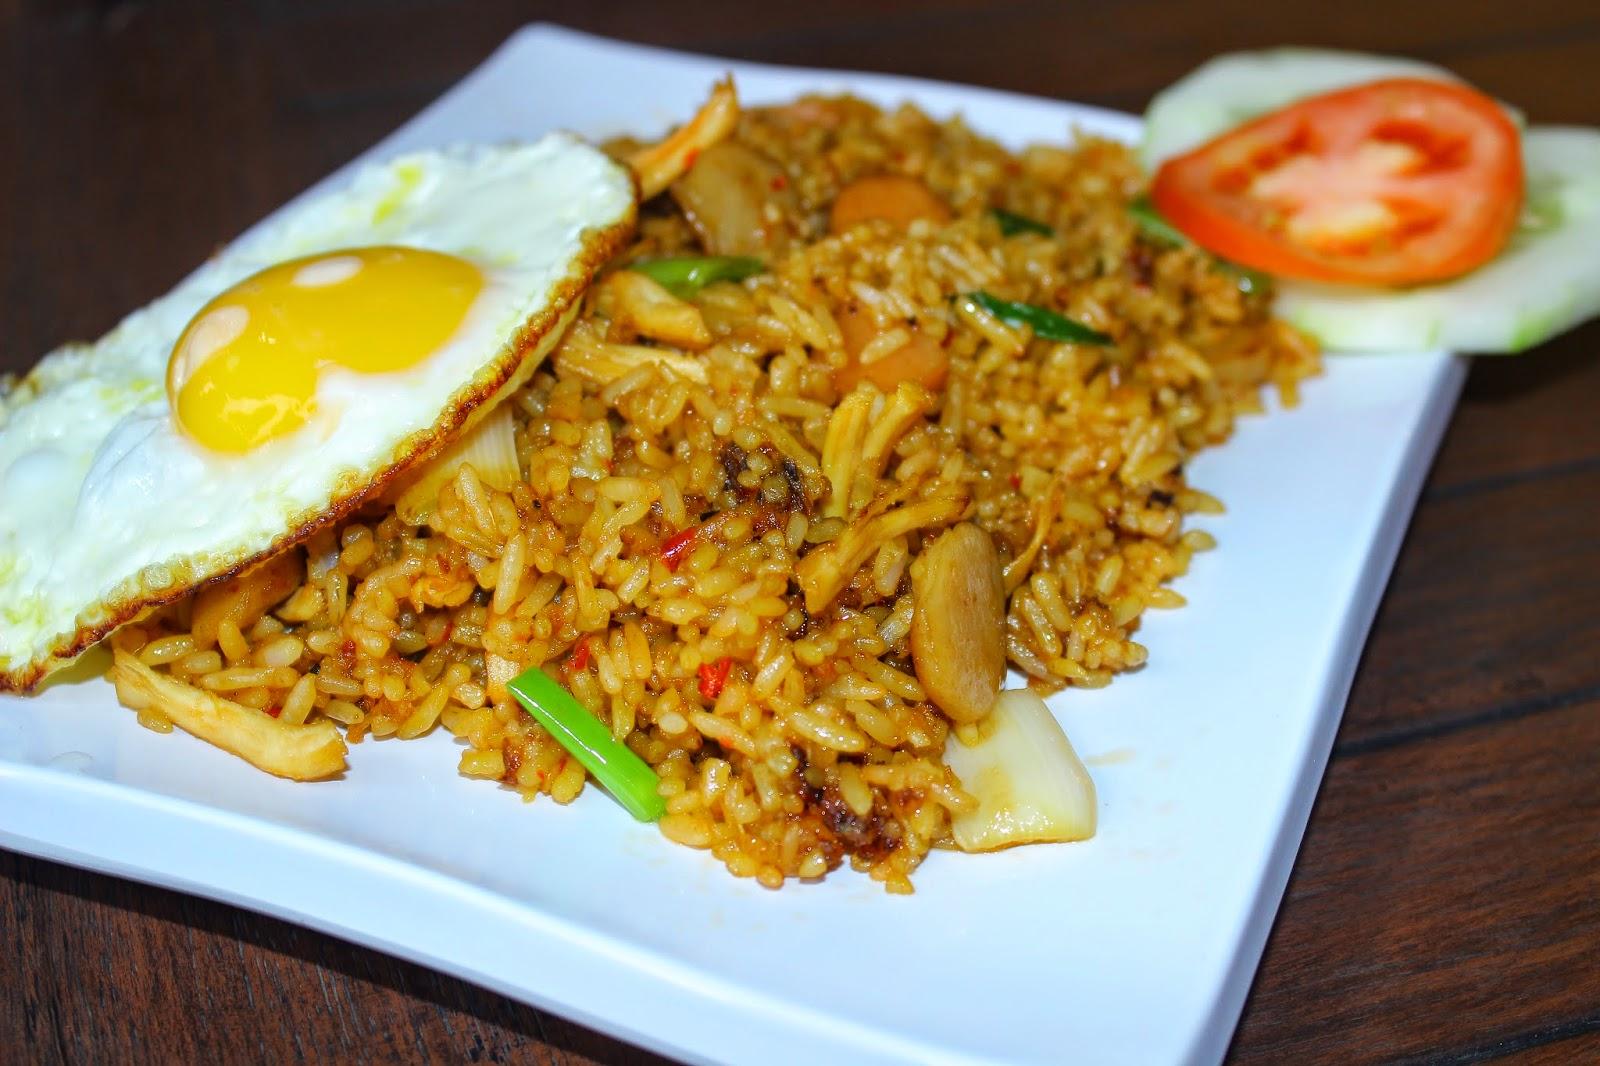 Dapoer Glagah - Makan Puas, Harga Pas !!!: Pilihan Makanan Enak di Dapoer Glagah - Yogyakarta